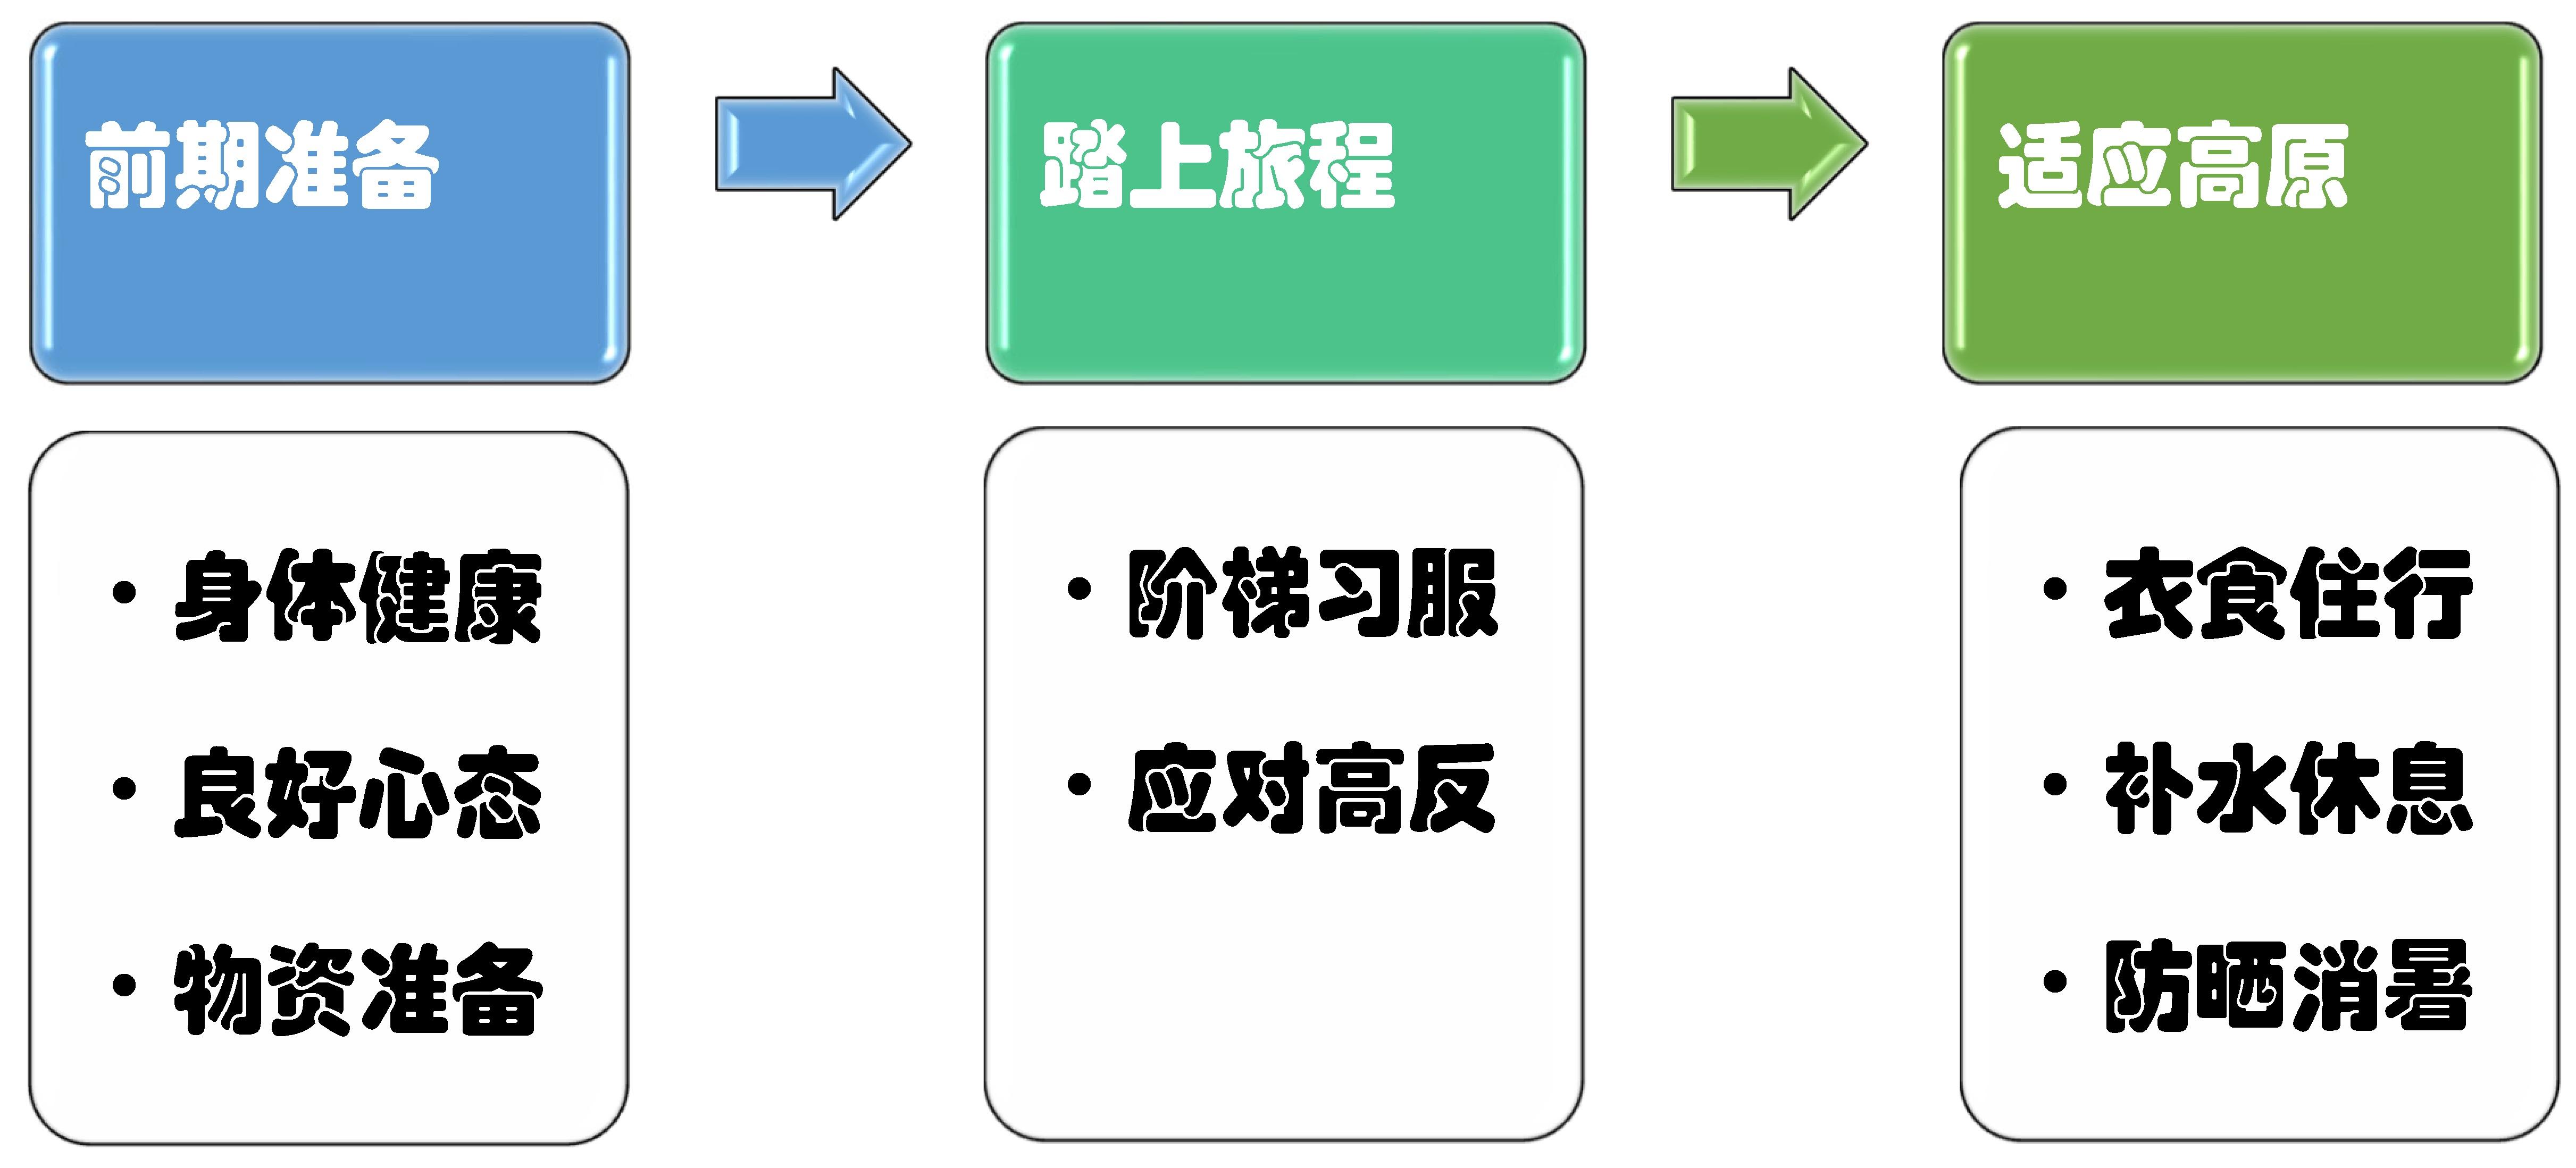 图_4.jpg